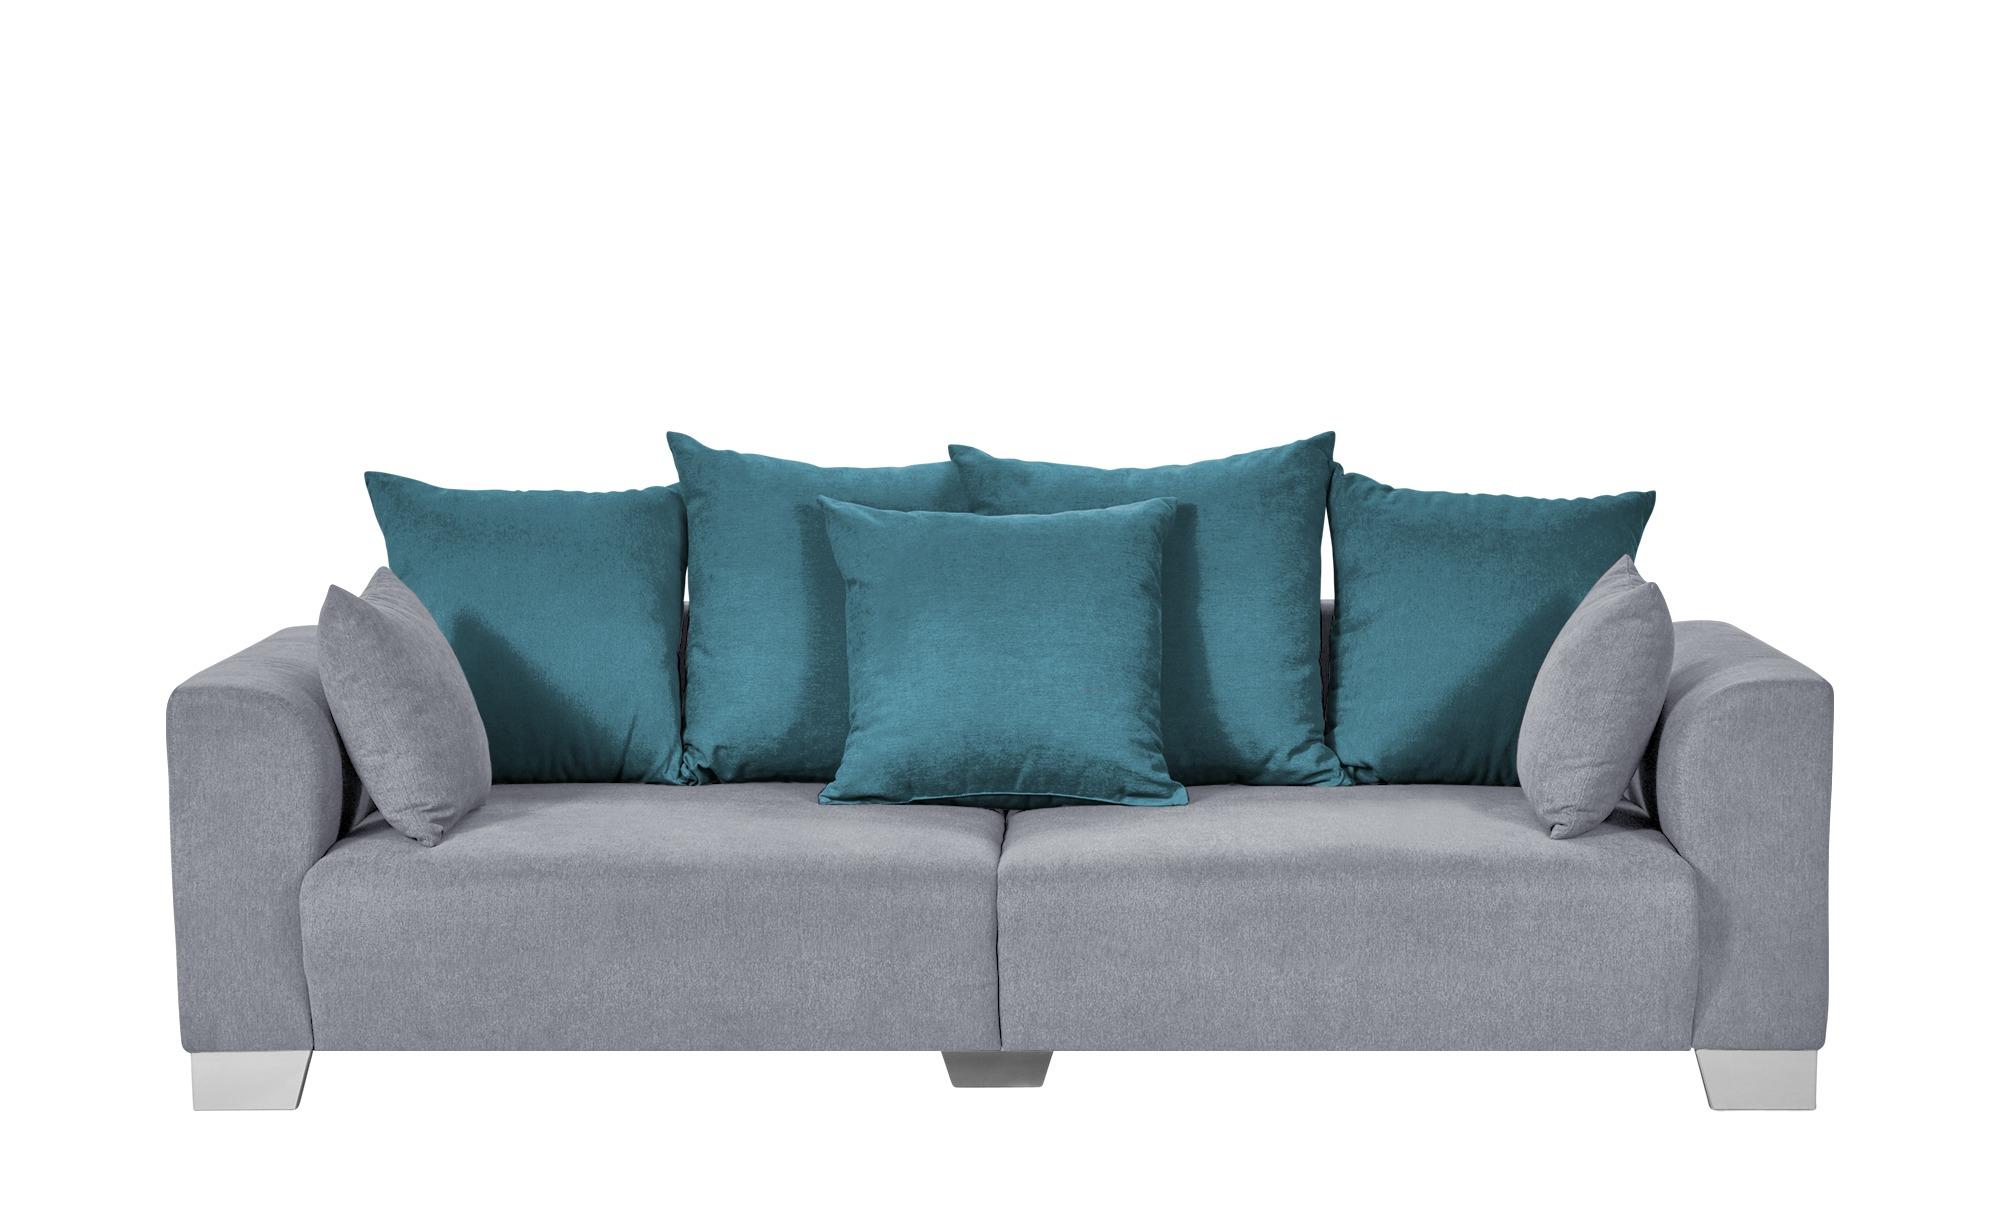 smart Big Sofa grau - Flachgewebe Tonja ¦ grau ¦ Maße (cm): B: 244 H: 68 T: 107 Polstermöbel > Sofas > Big-Sofas - Höffner